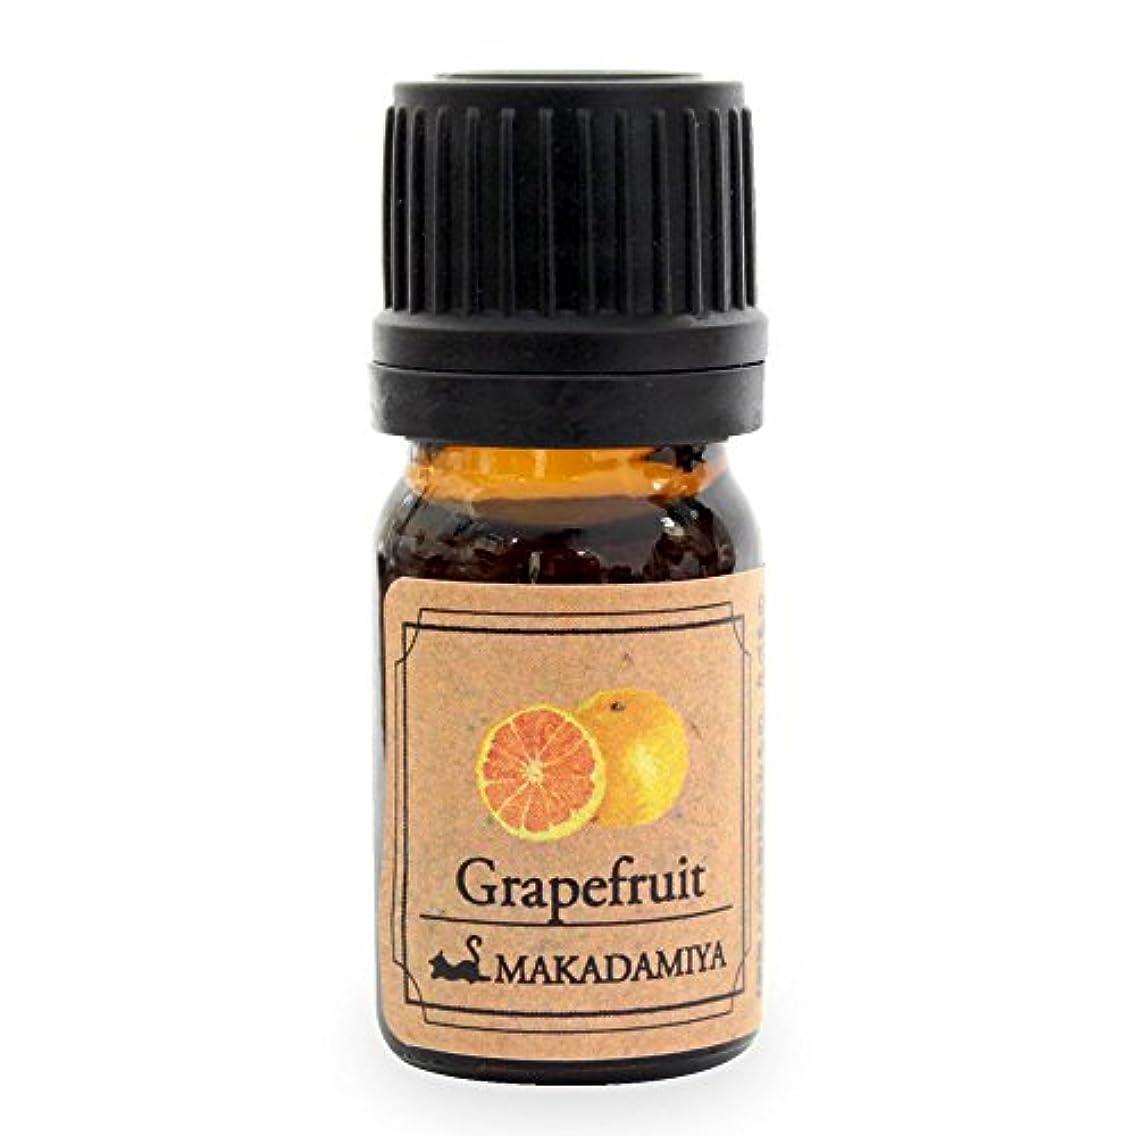 セレナまもなくコーラスグレープフルーツ5ml 天然100%植物性 エッセンシャルオイル(精油) アロマオイル アロママッサージ aroma Grapefruit